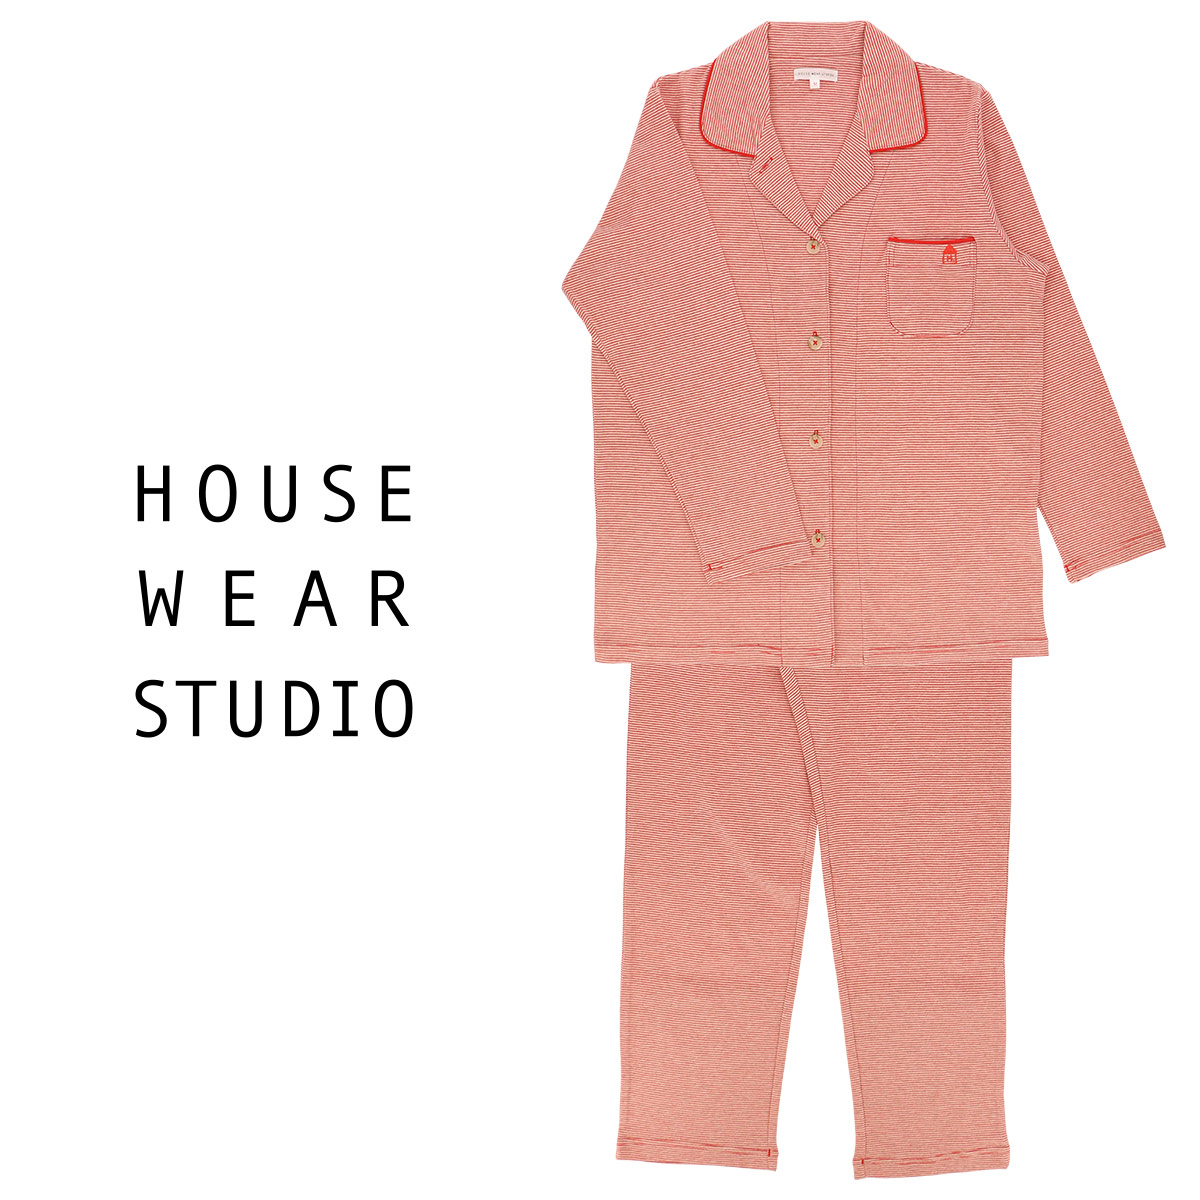 HOUSE WEAR STUDIO ハウス ウェア スタジオ レディース パジャマ コットン100% 長袖 パンツ 細ボーダー Lサイズ 73370813 【ゆうパケットお取り扱い不可】